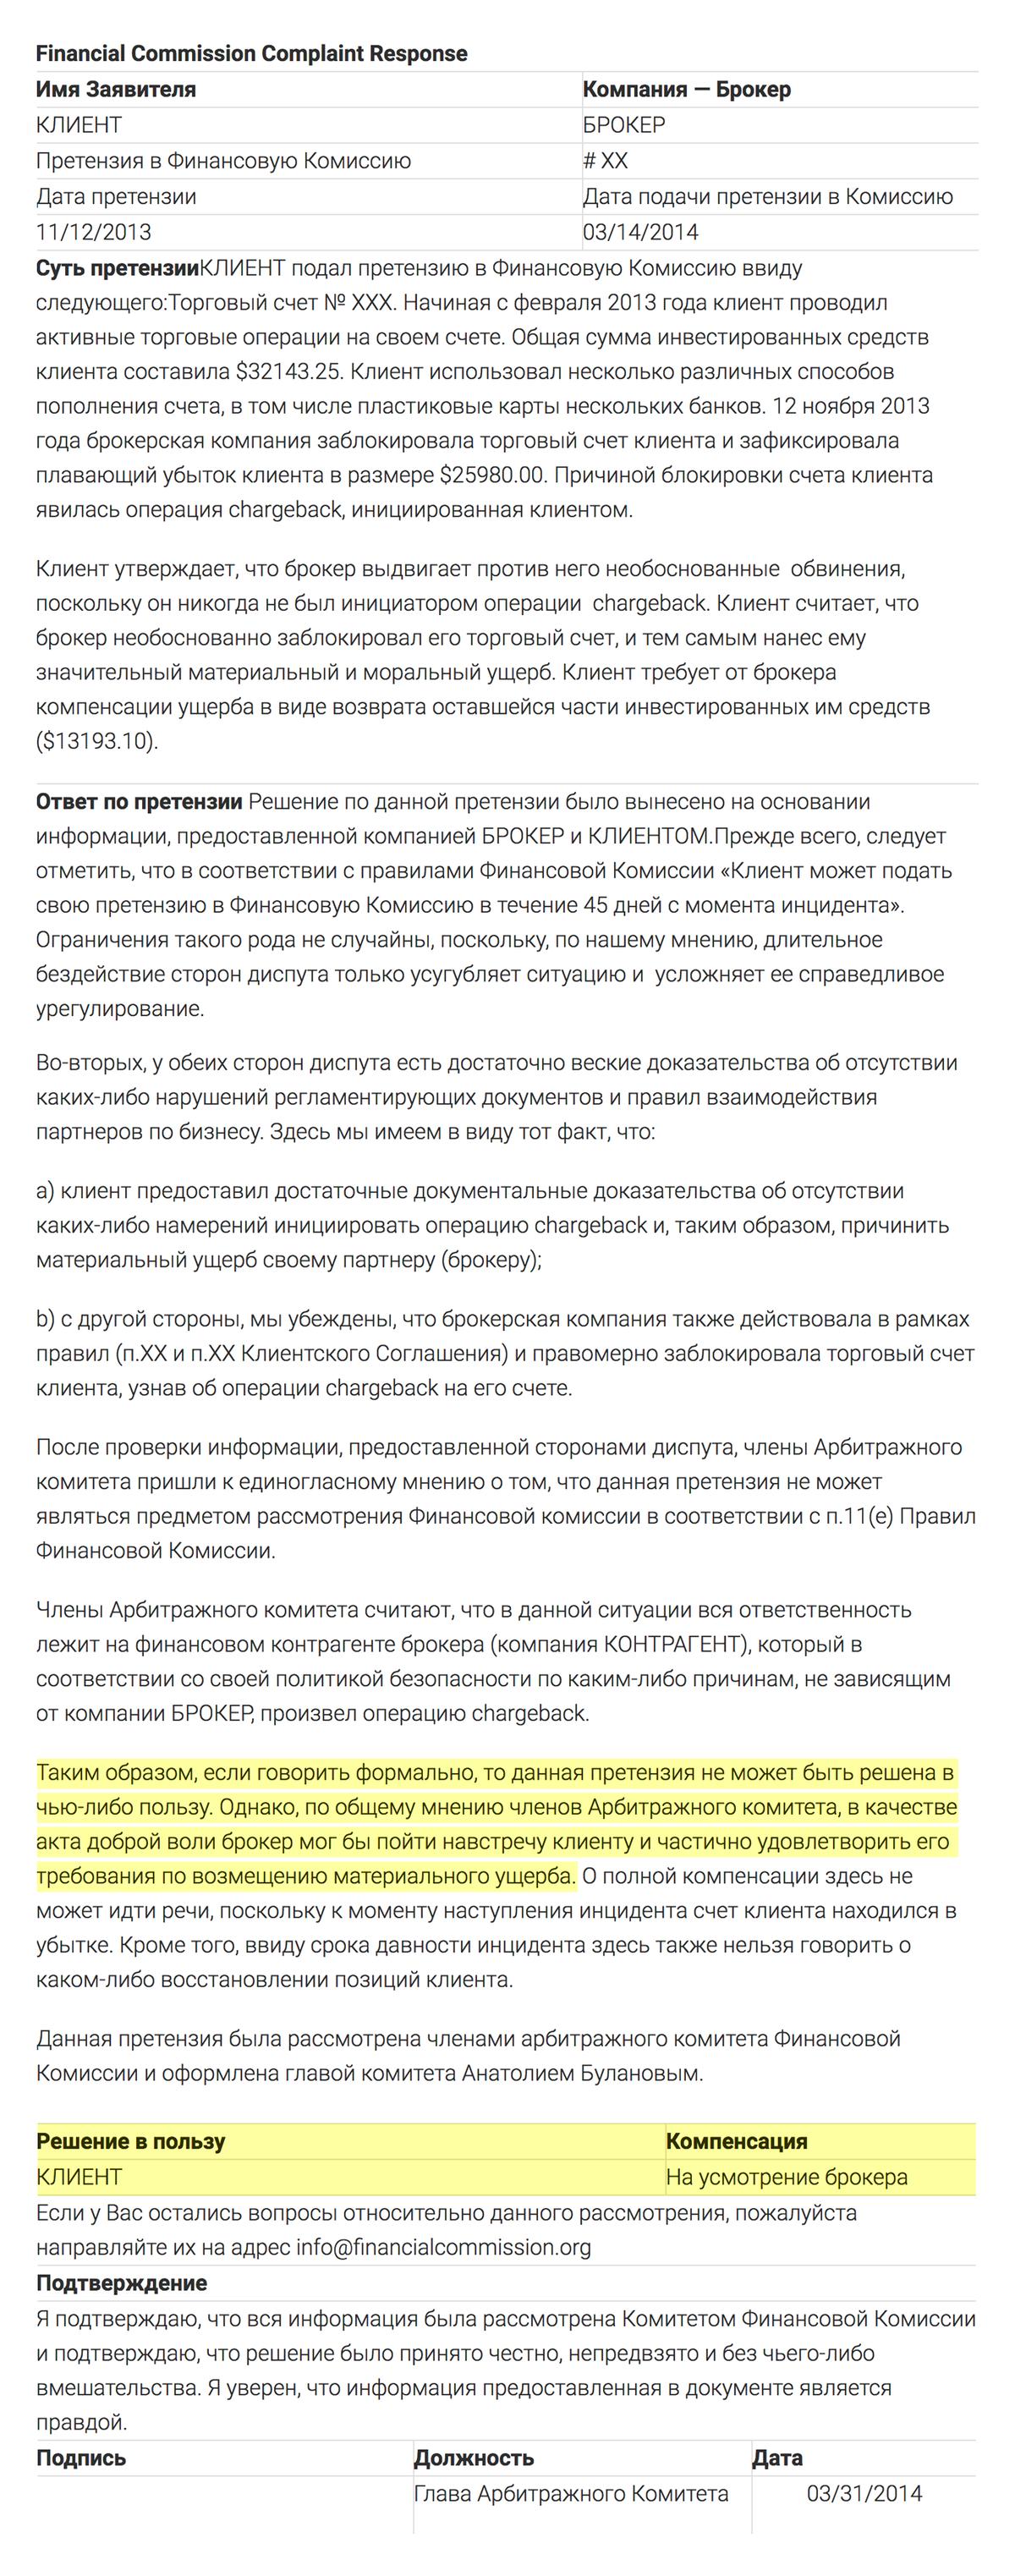 Ответ комиссии «Финаком»: никто не виноват, брокер не обязан возвращать деньги